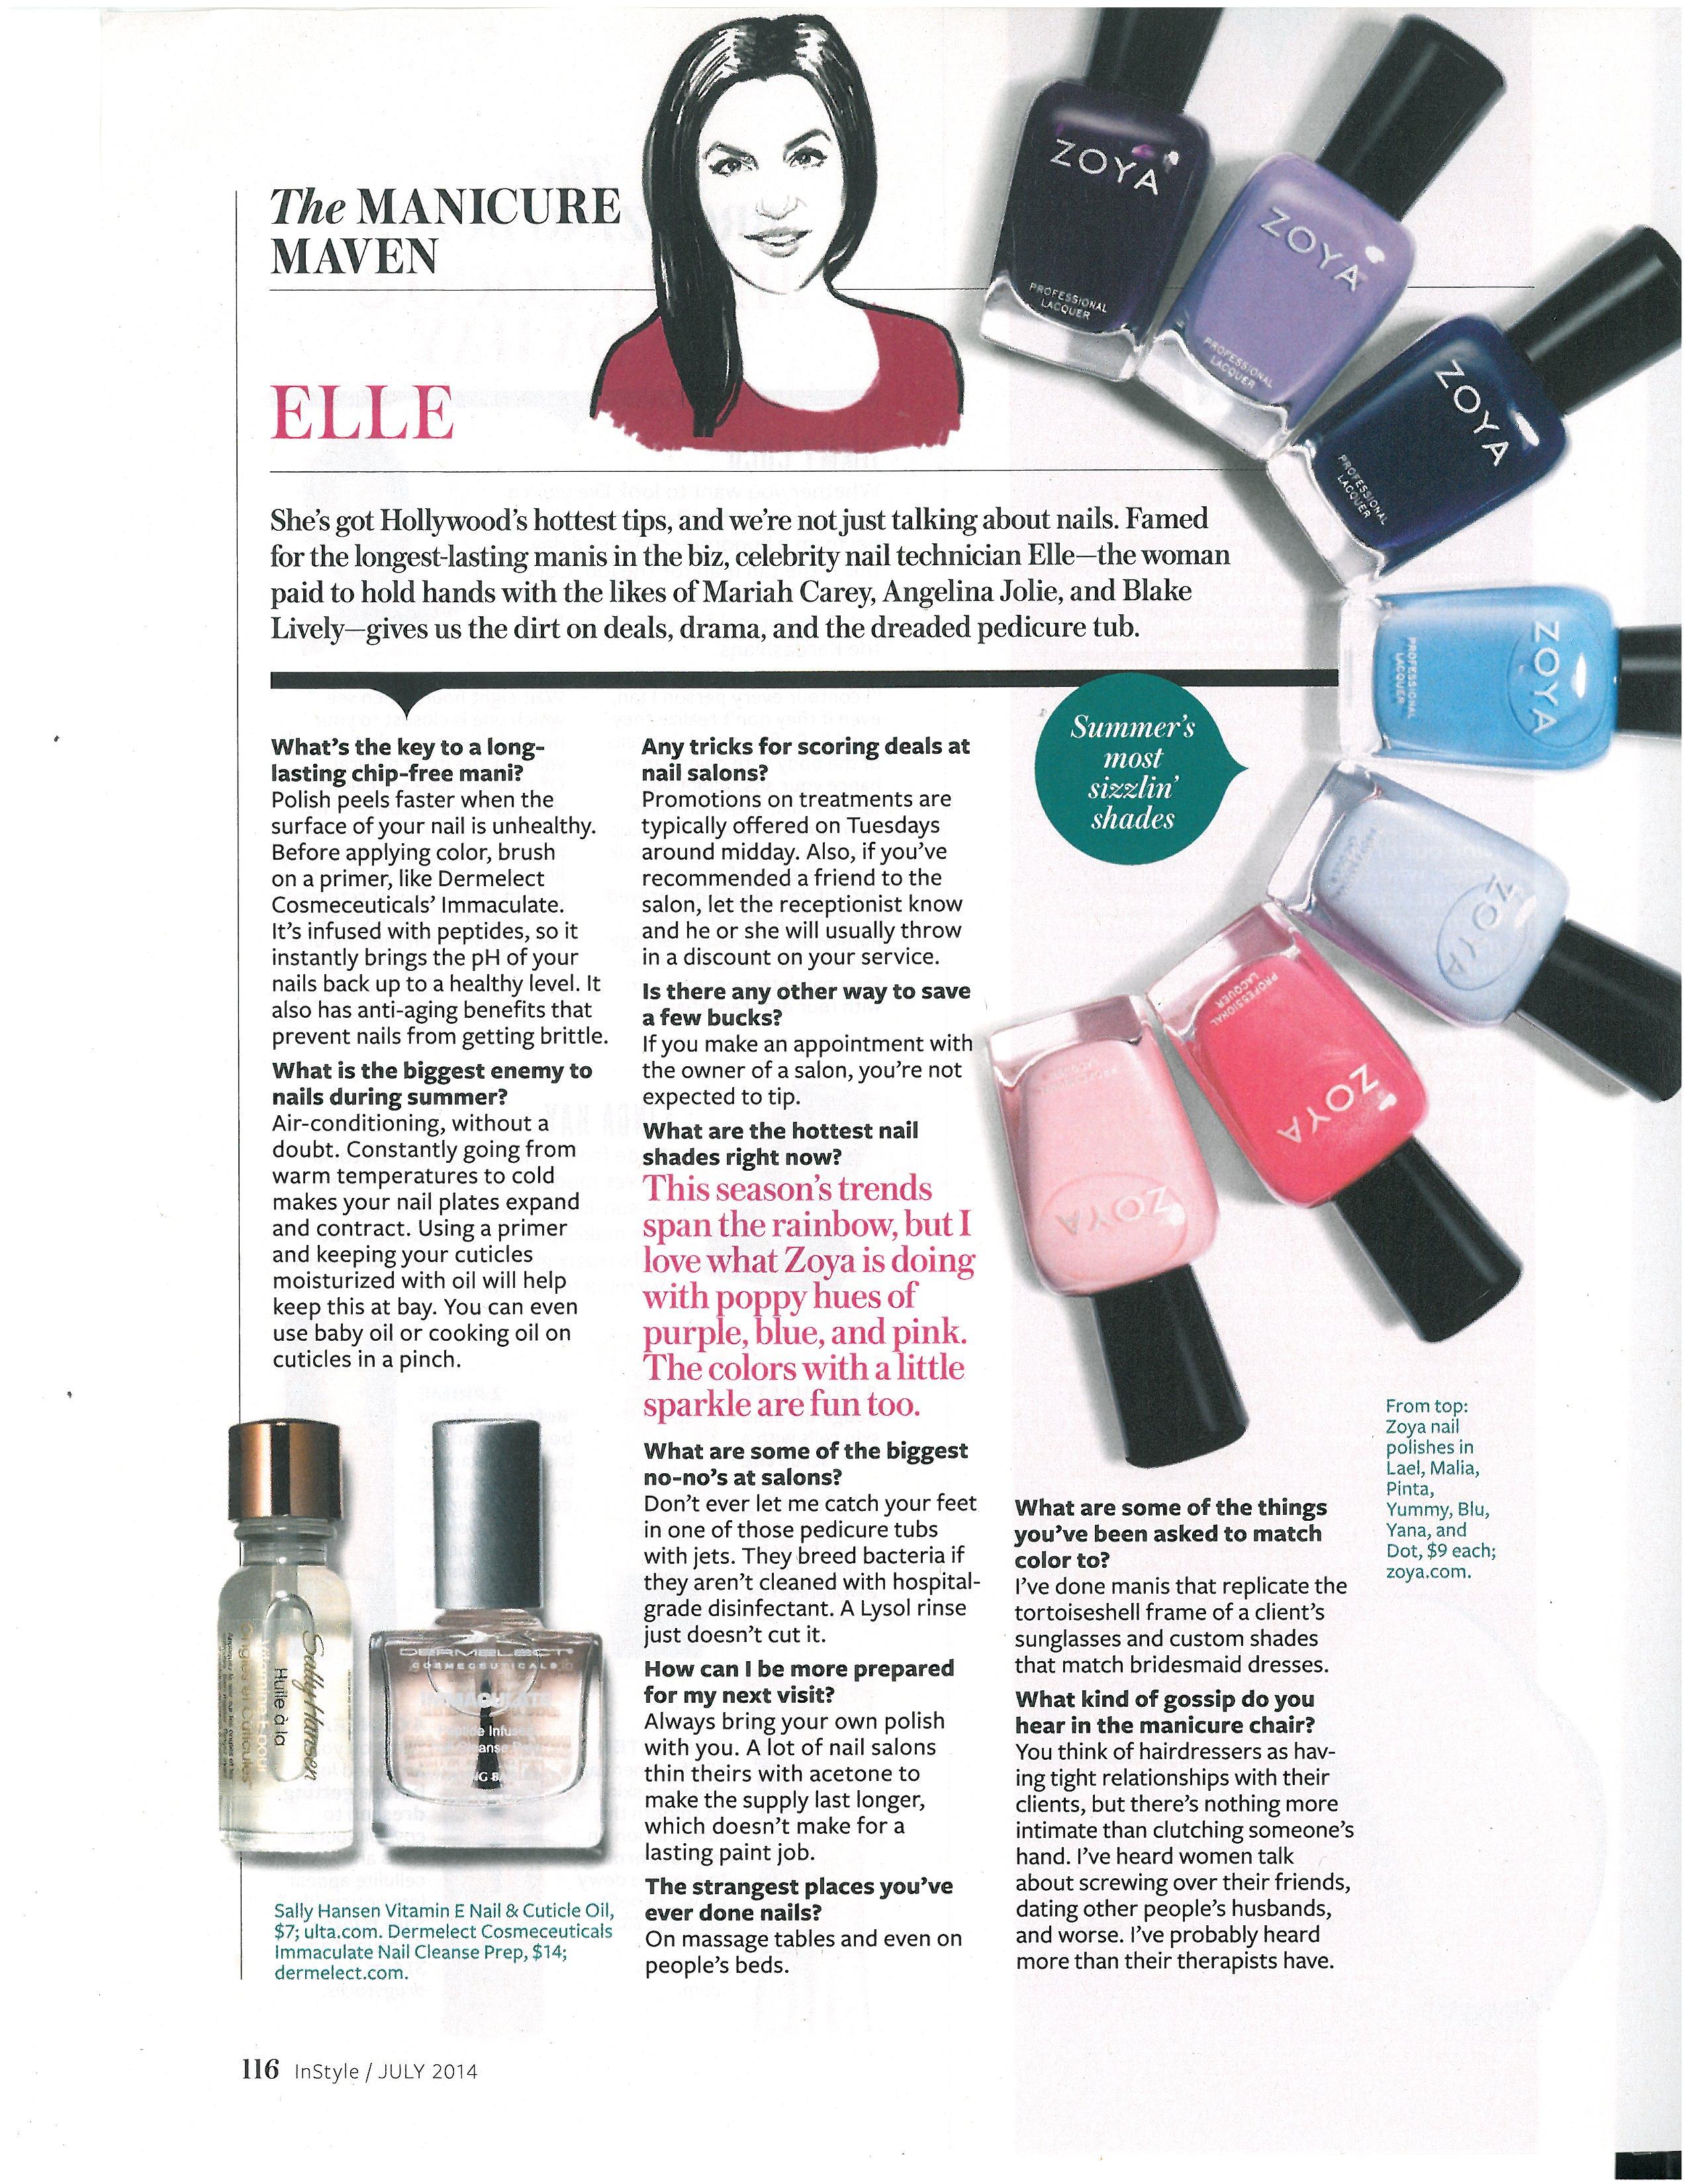 The Manicure Maven: Elle